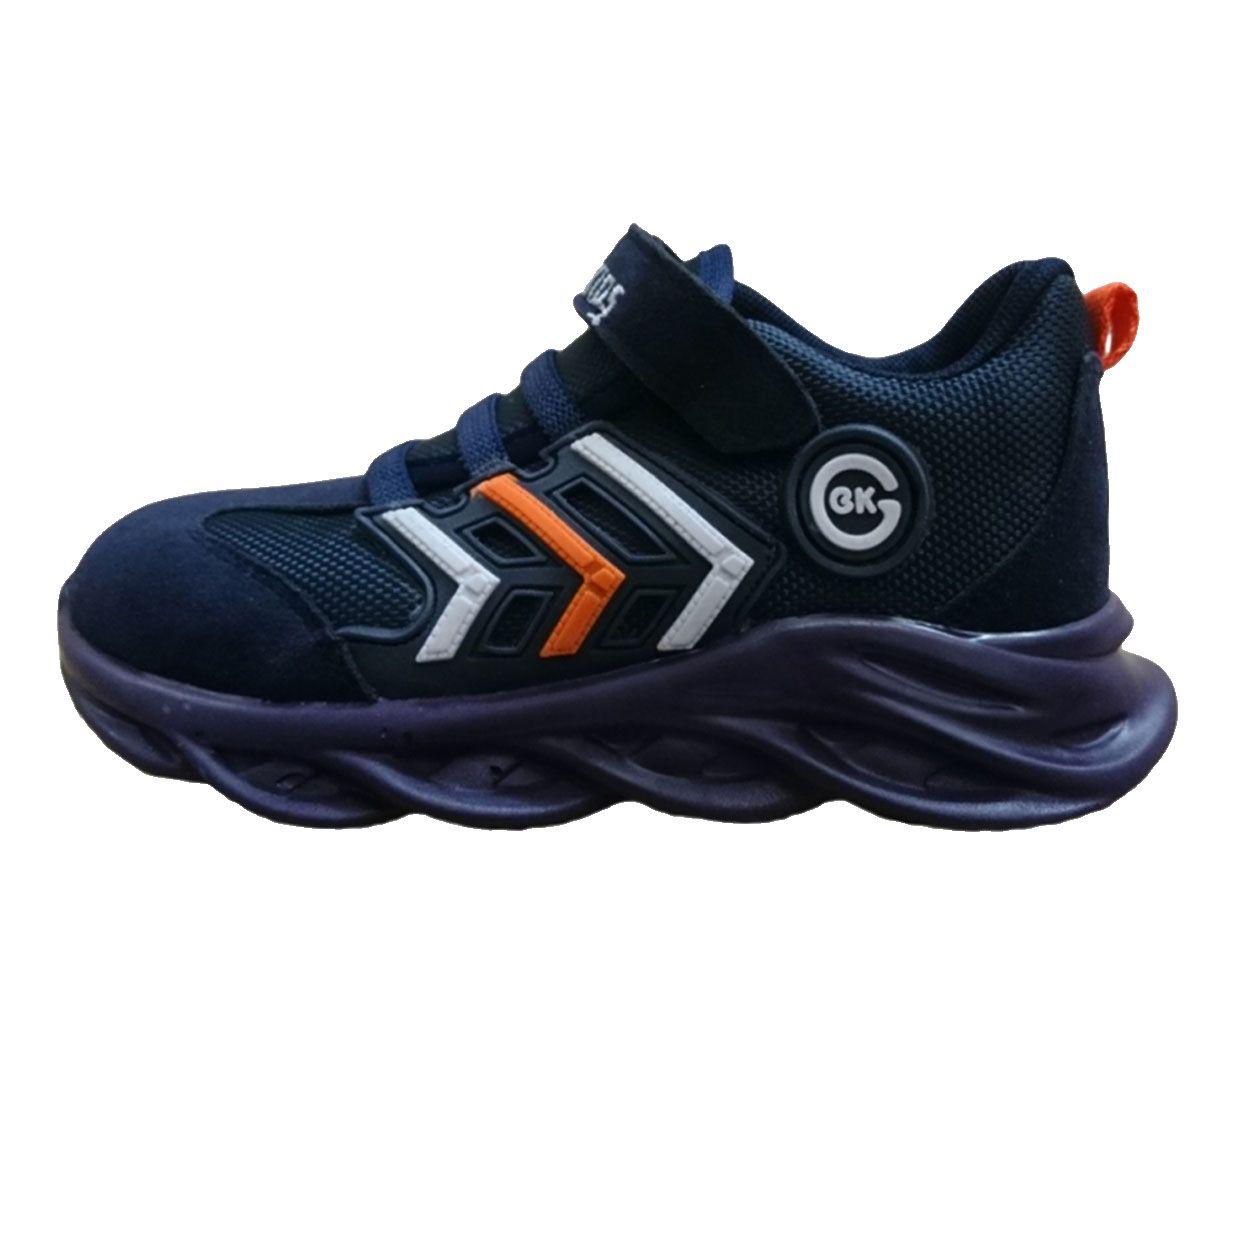 کفش مخصوص پیاده روی BKGمدل B321